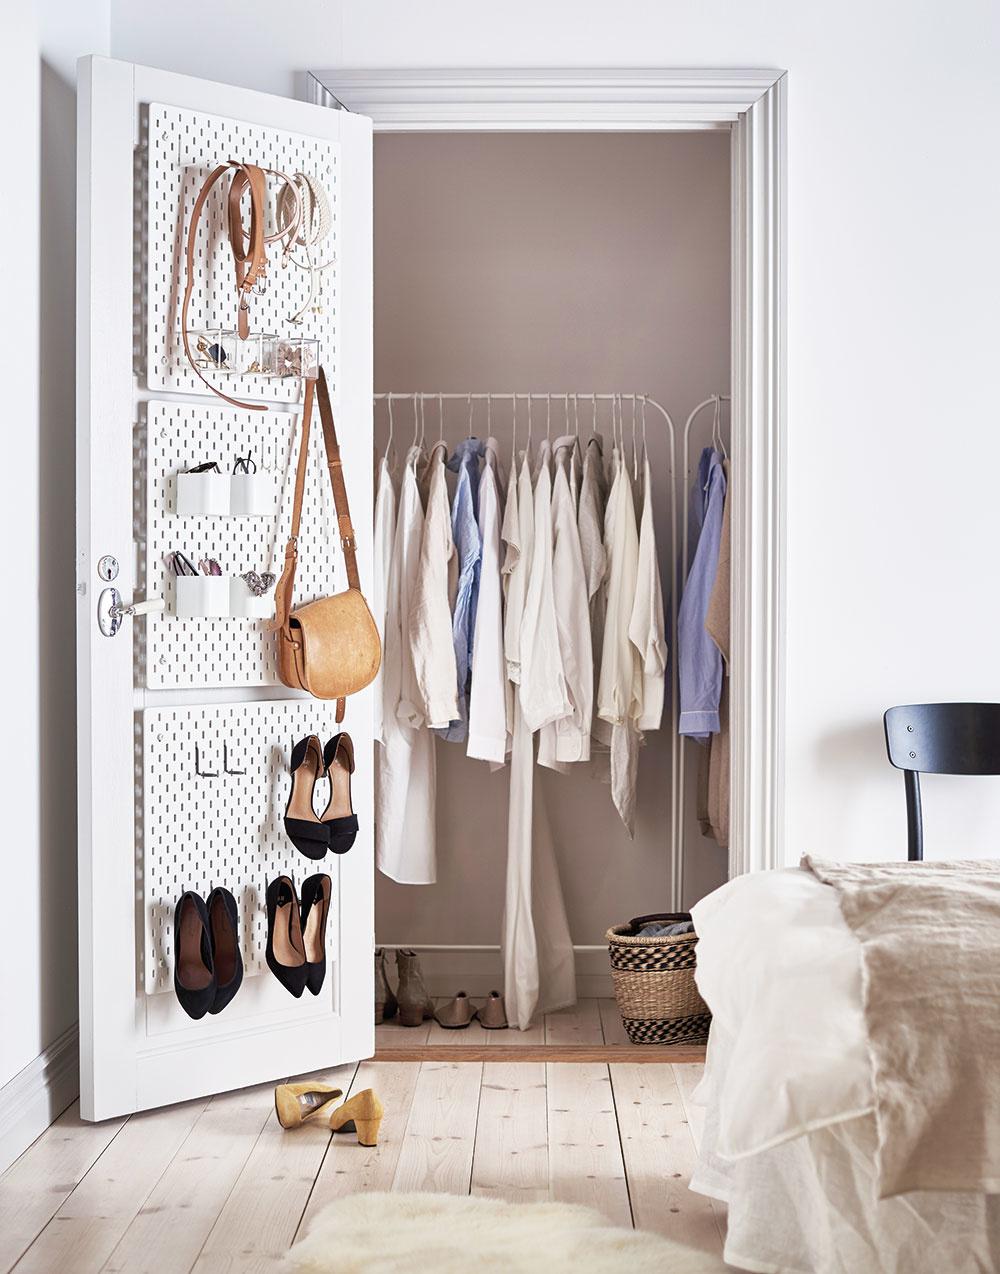 Zašité za dverami. Na odkladanie rôznych doplnkov využite jednoducho dvere. Stačí použiť oceľové závesné skrinky svoľne nastaviteľným príslušenstvom. Ušetria kopu miesta zpodlahovej plochy.